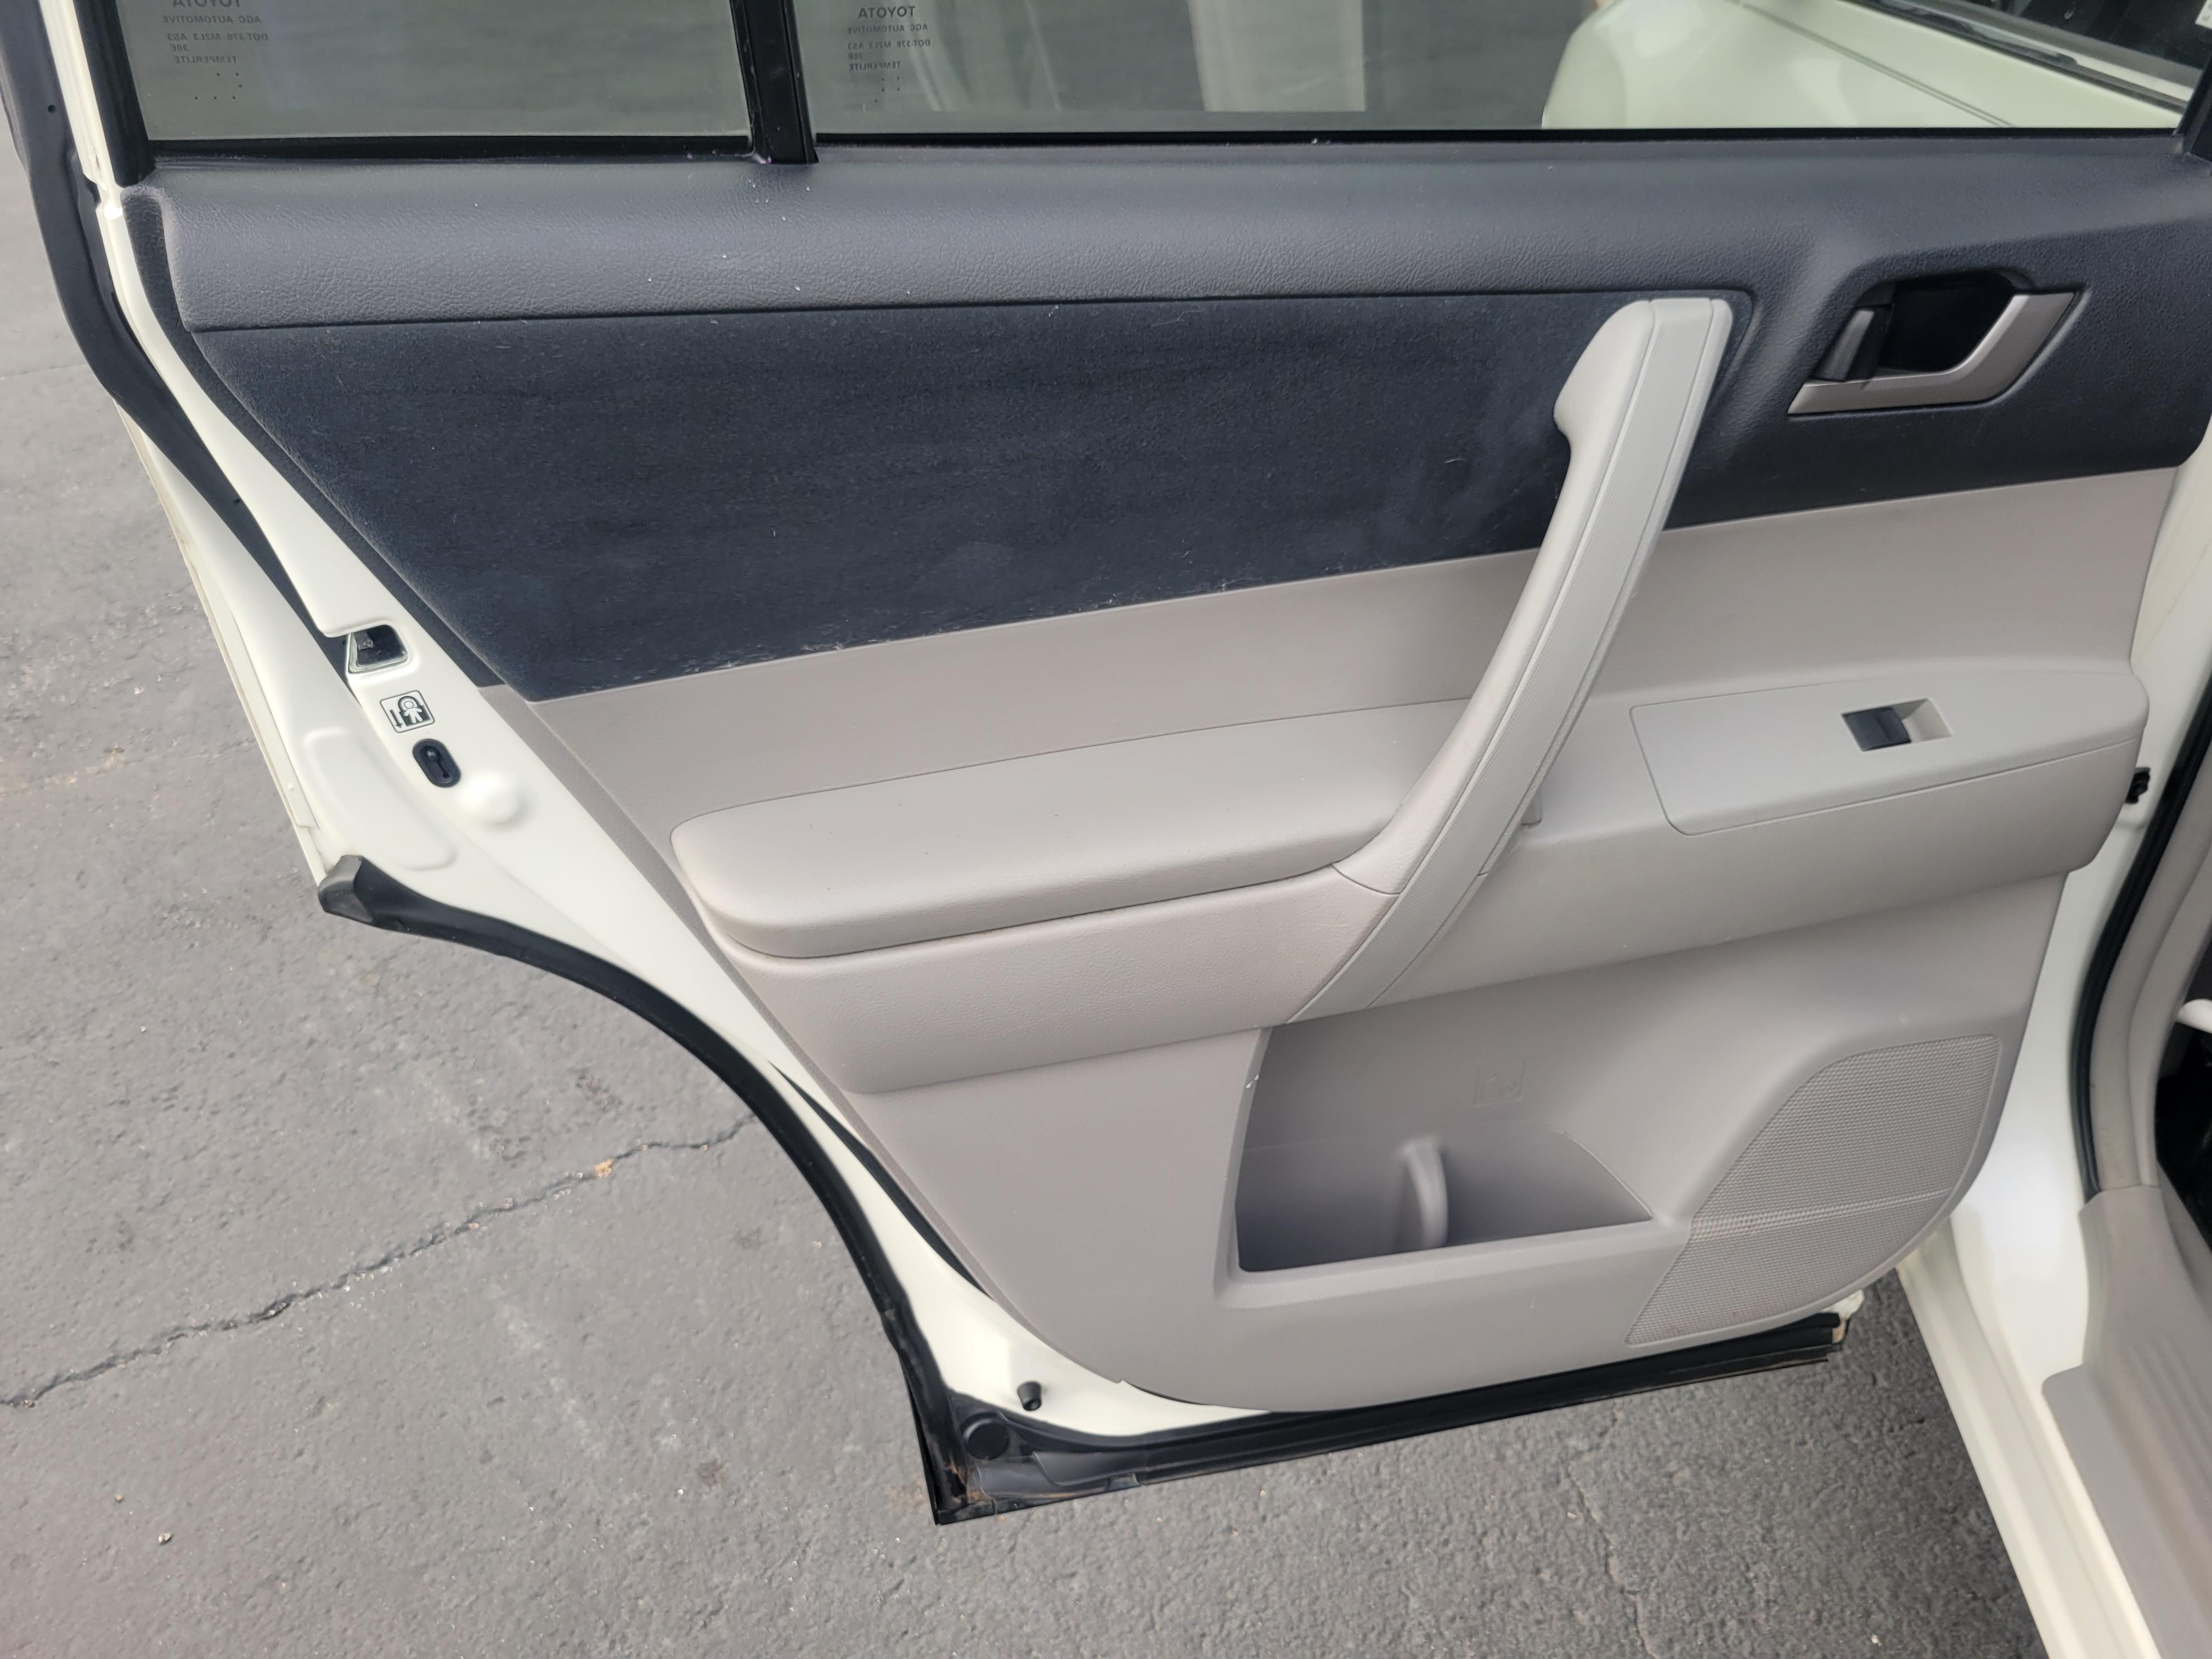 used vehicle - SUV TOYOTA HIGHLANDER 2013